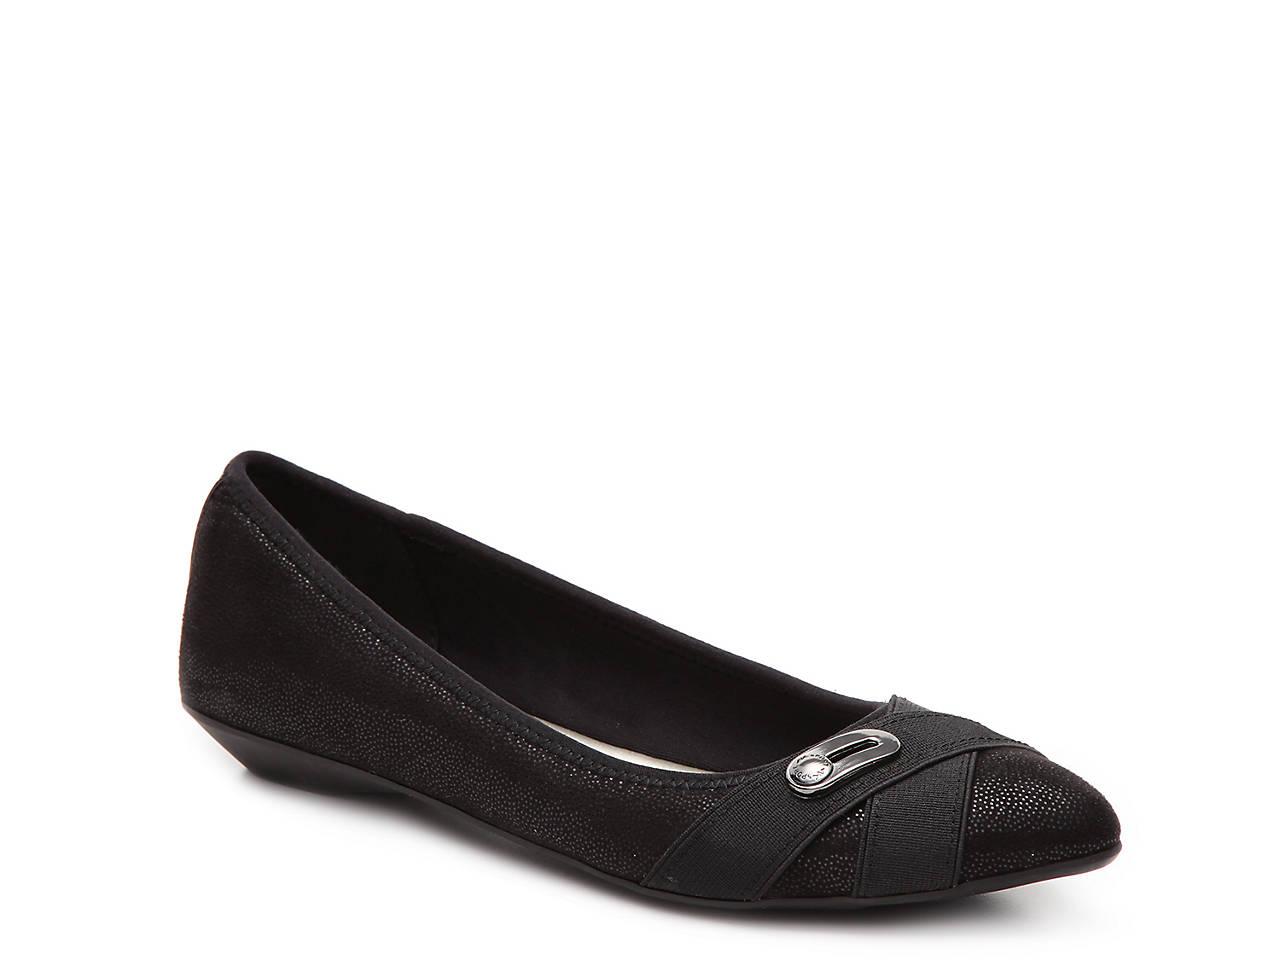 fe8928e9e71 Anne Klein Ornot Flat Women s Shoes